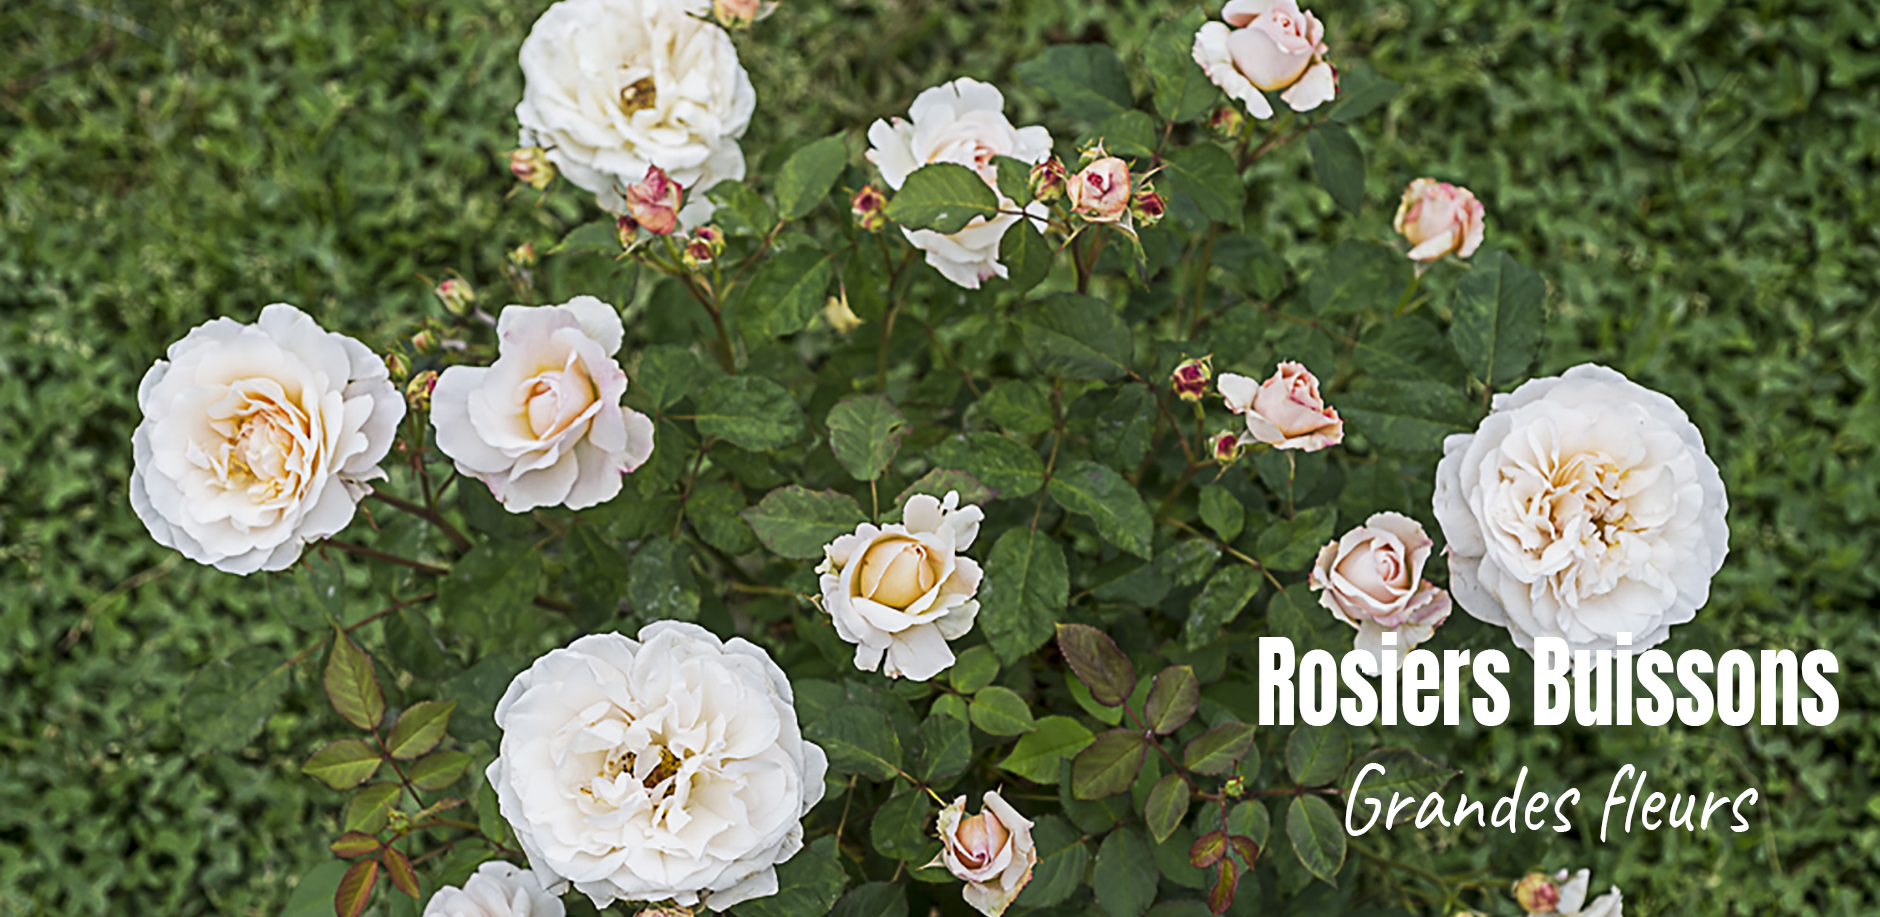 Rosiers grandes fleurs